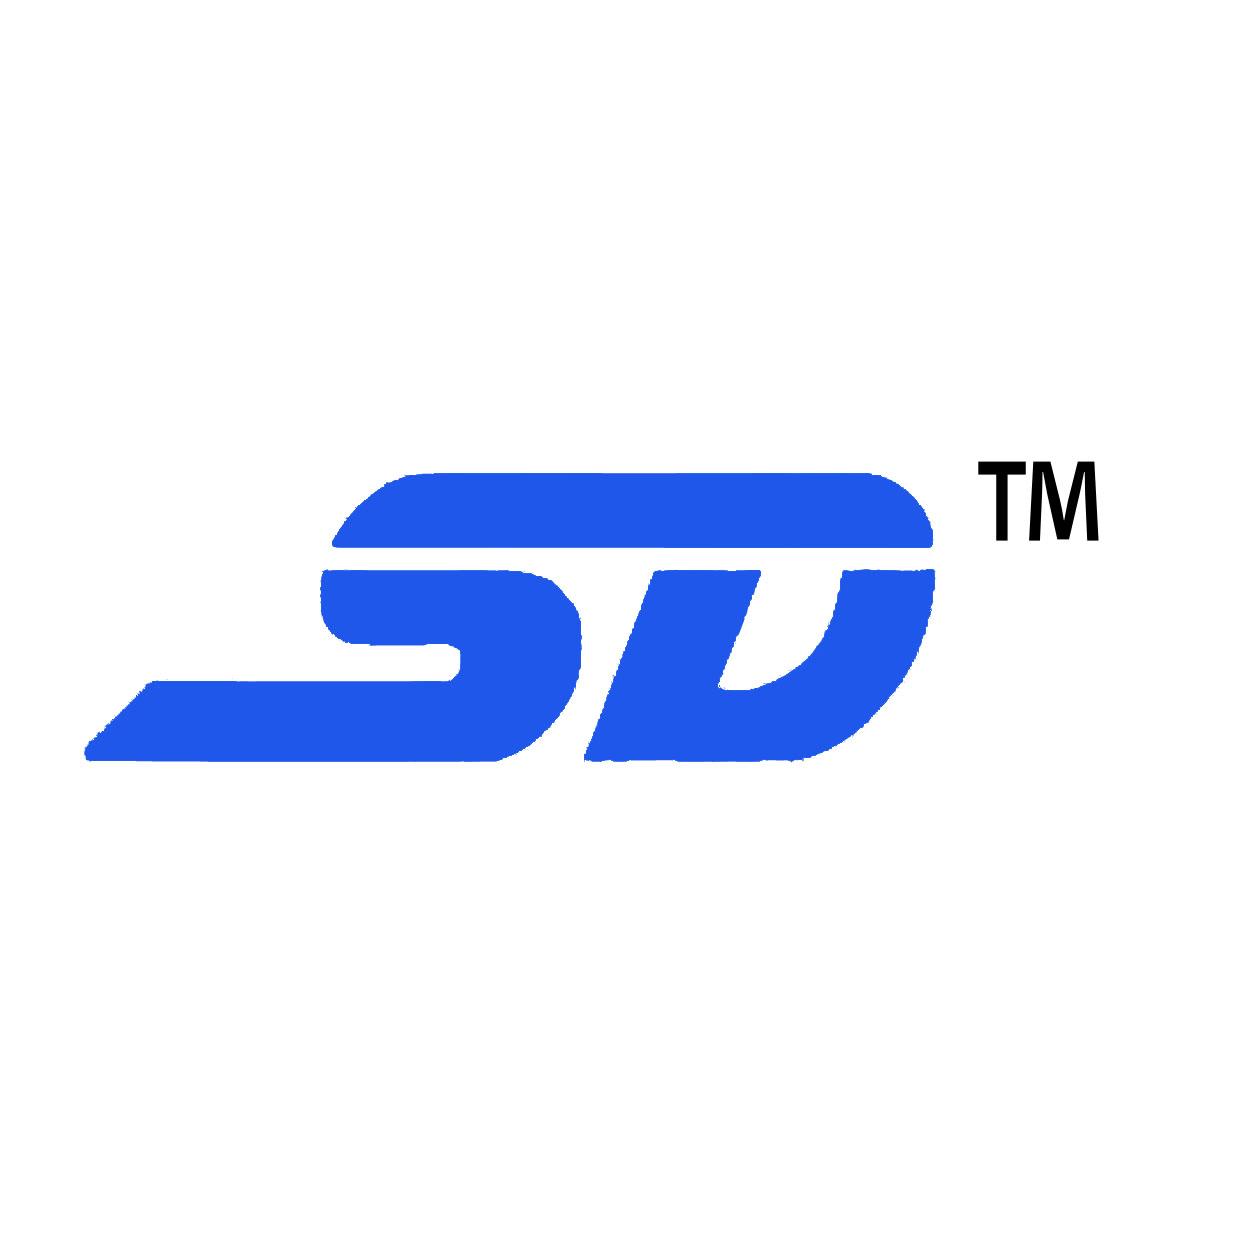 logo logo 标志 设计 矢量 矢量图 素材 图标 1236_1236